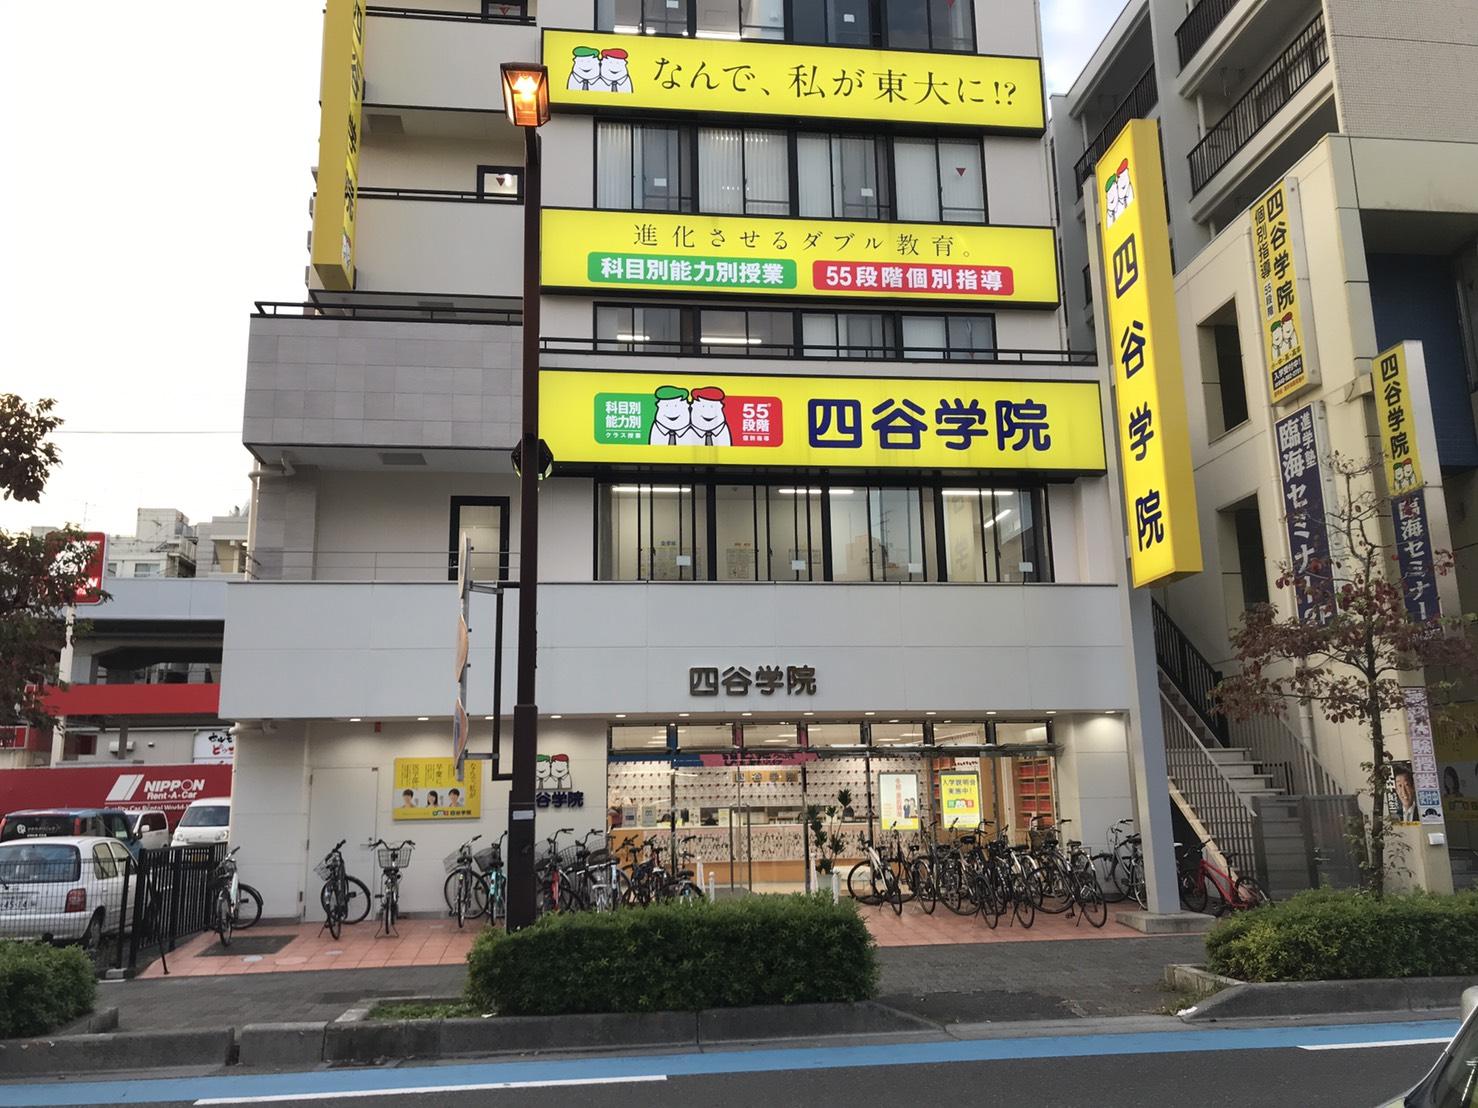 学習塾の多い 南浦和で 体操 教室を開こう